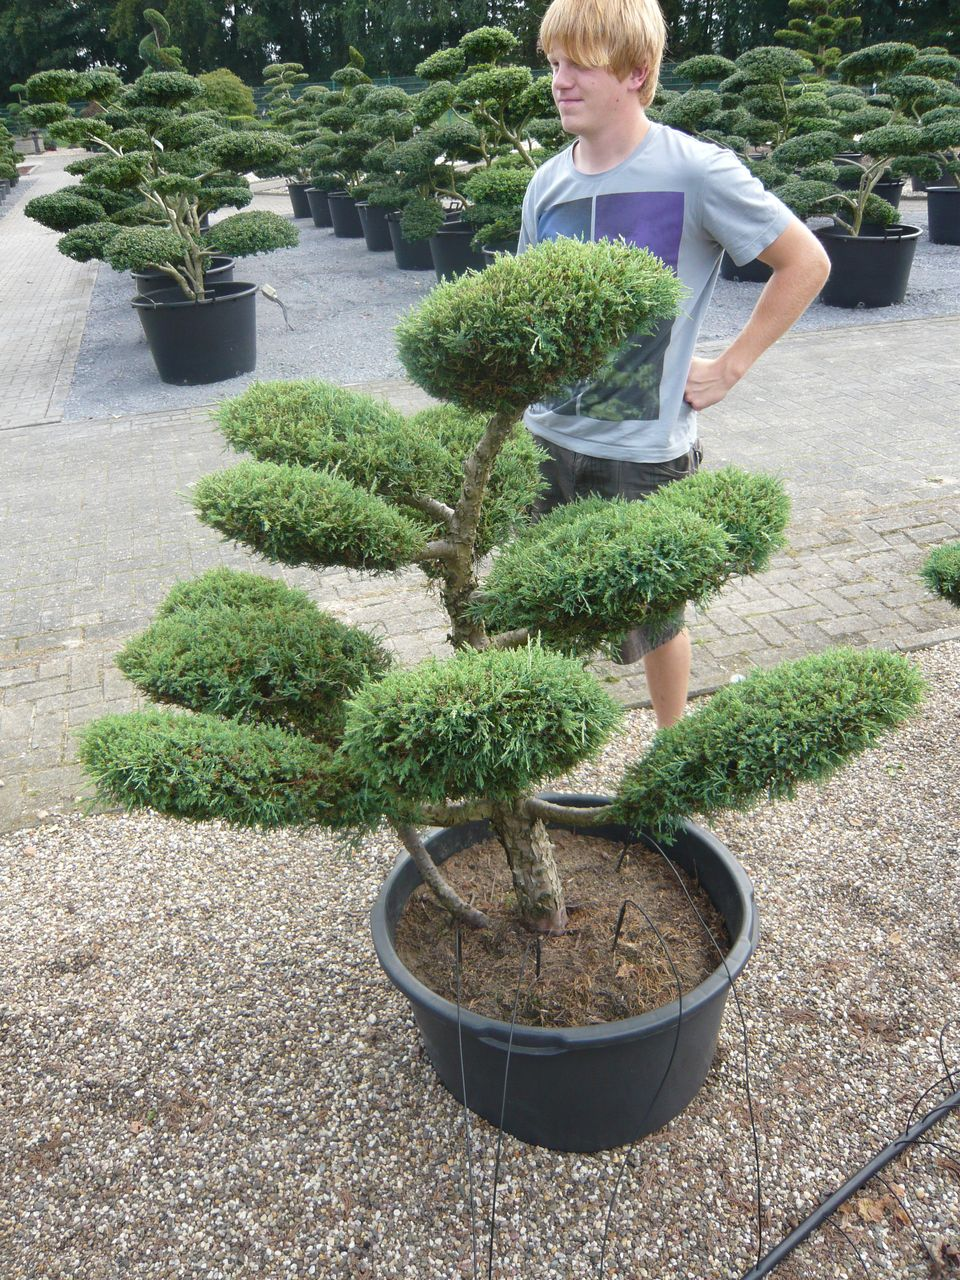 Pflanzenspecial gartenbonsai kostbarkeiten japans for Whirlpool garten mit bonsai wo kaufen